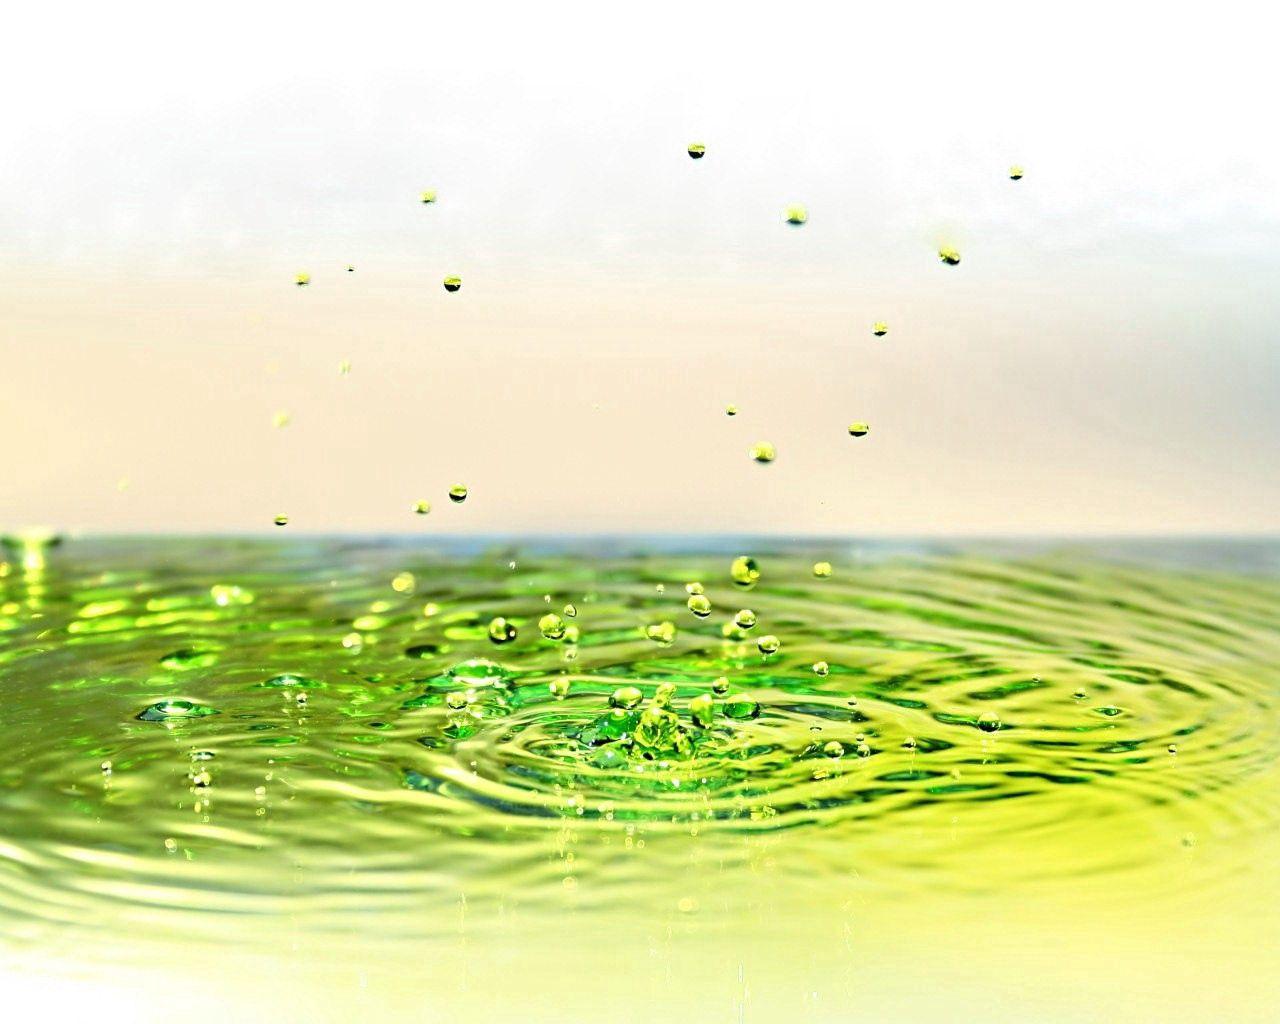 151648 免費下載壁紙 抽象, 滴, 液体, 表面, 浅色 屏保和圖片